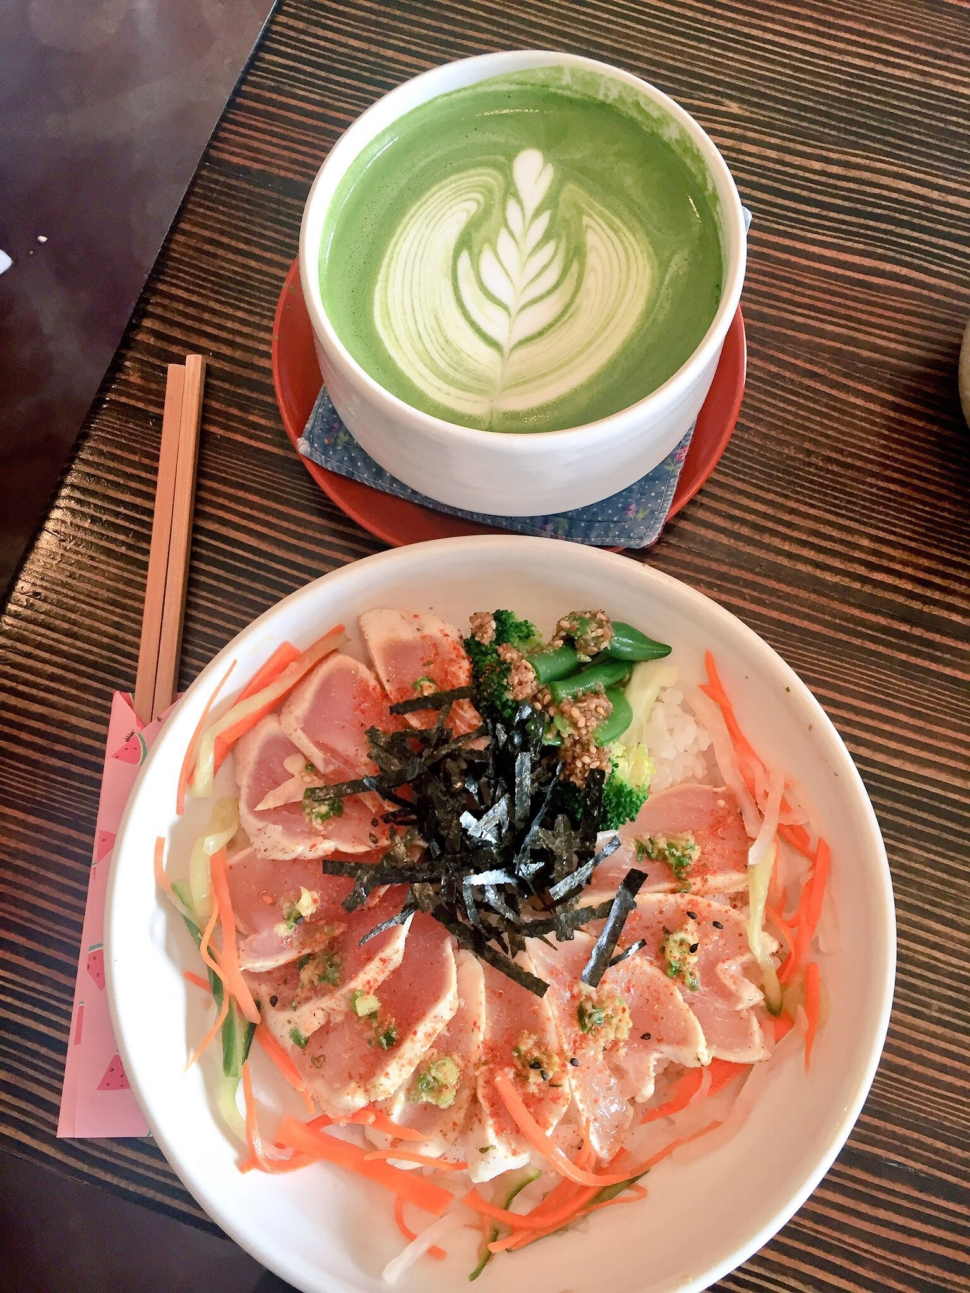 Tuna tataki and matcha latte at Basho Cafe.